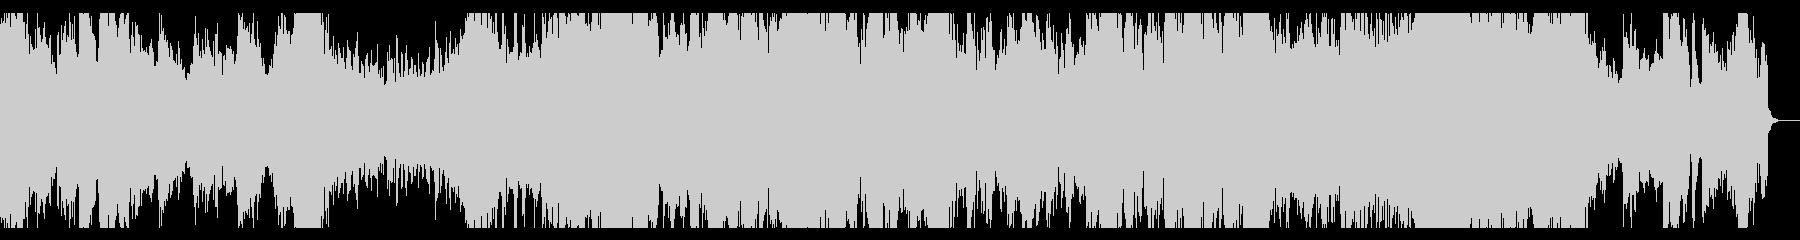 ホラー風味の強いシネマティックスケープの未再生の波形